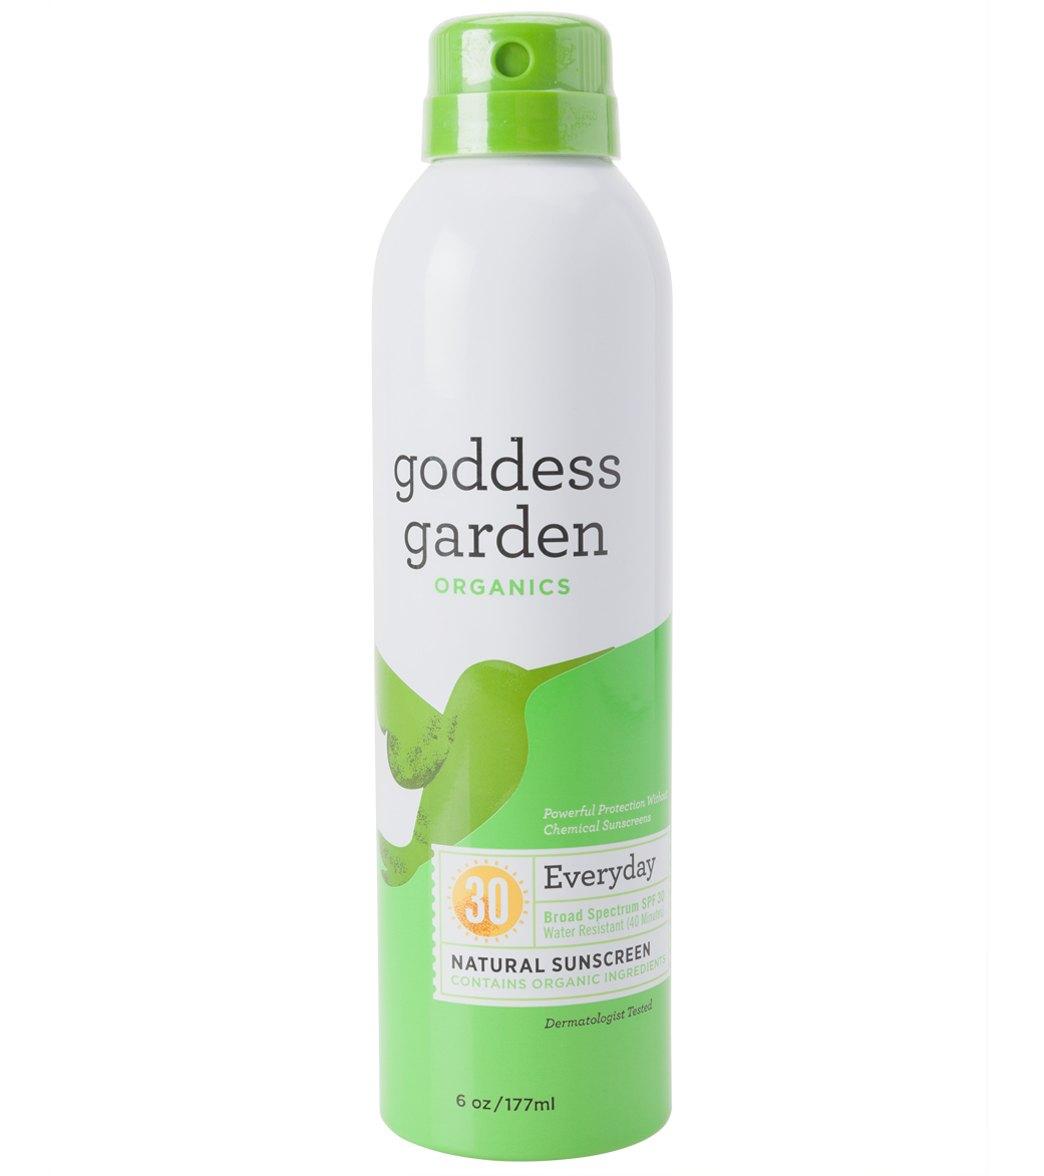 Goddess Garden Everyday Organic Spf 30 Continuous Spray 6 Oz At